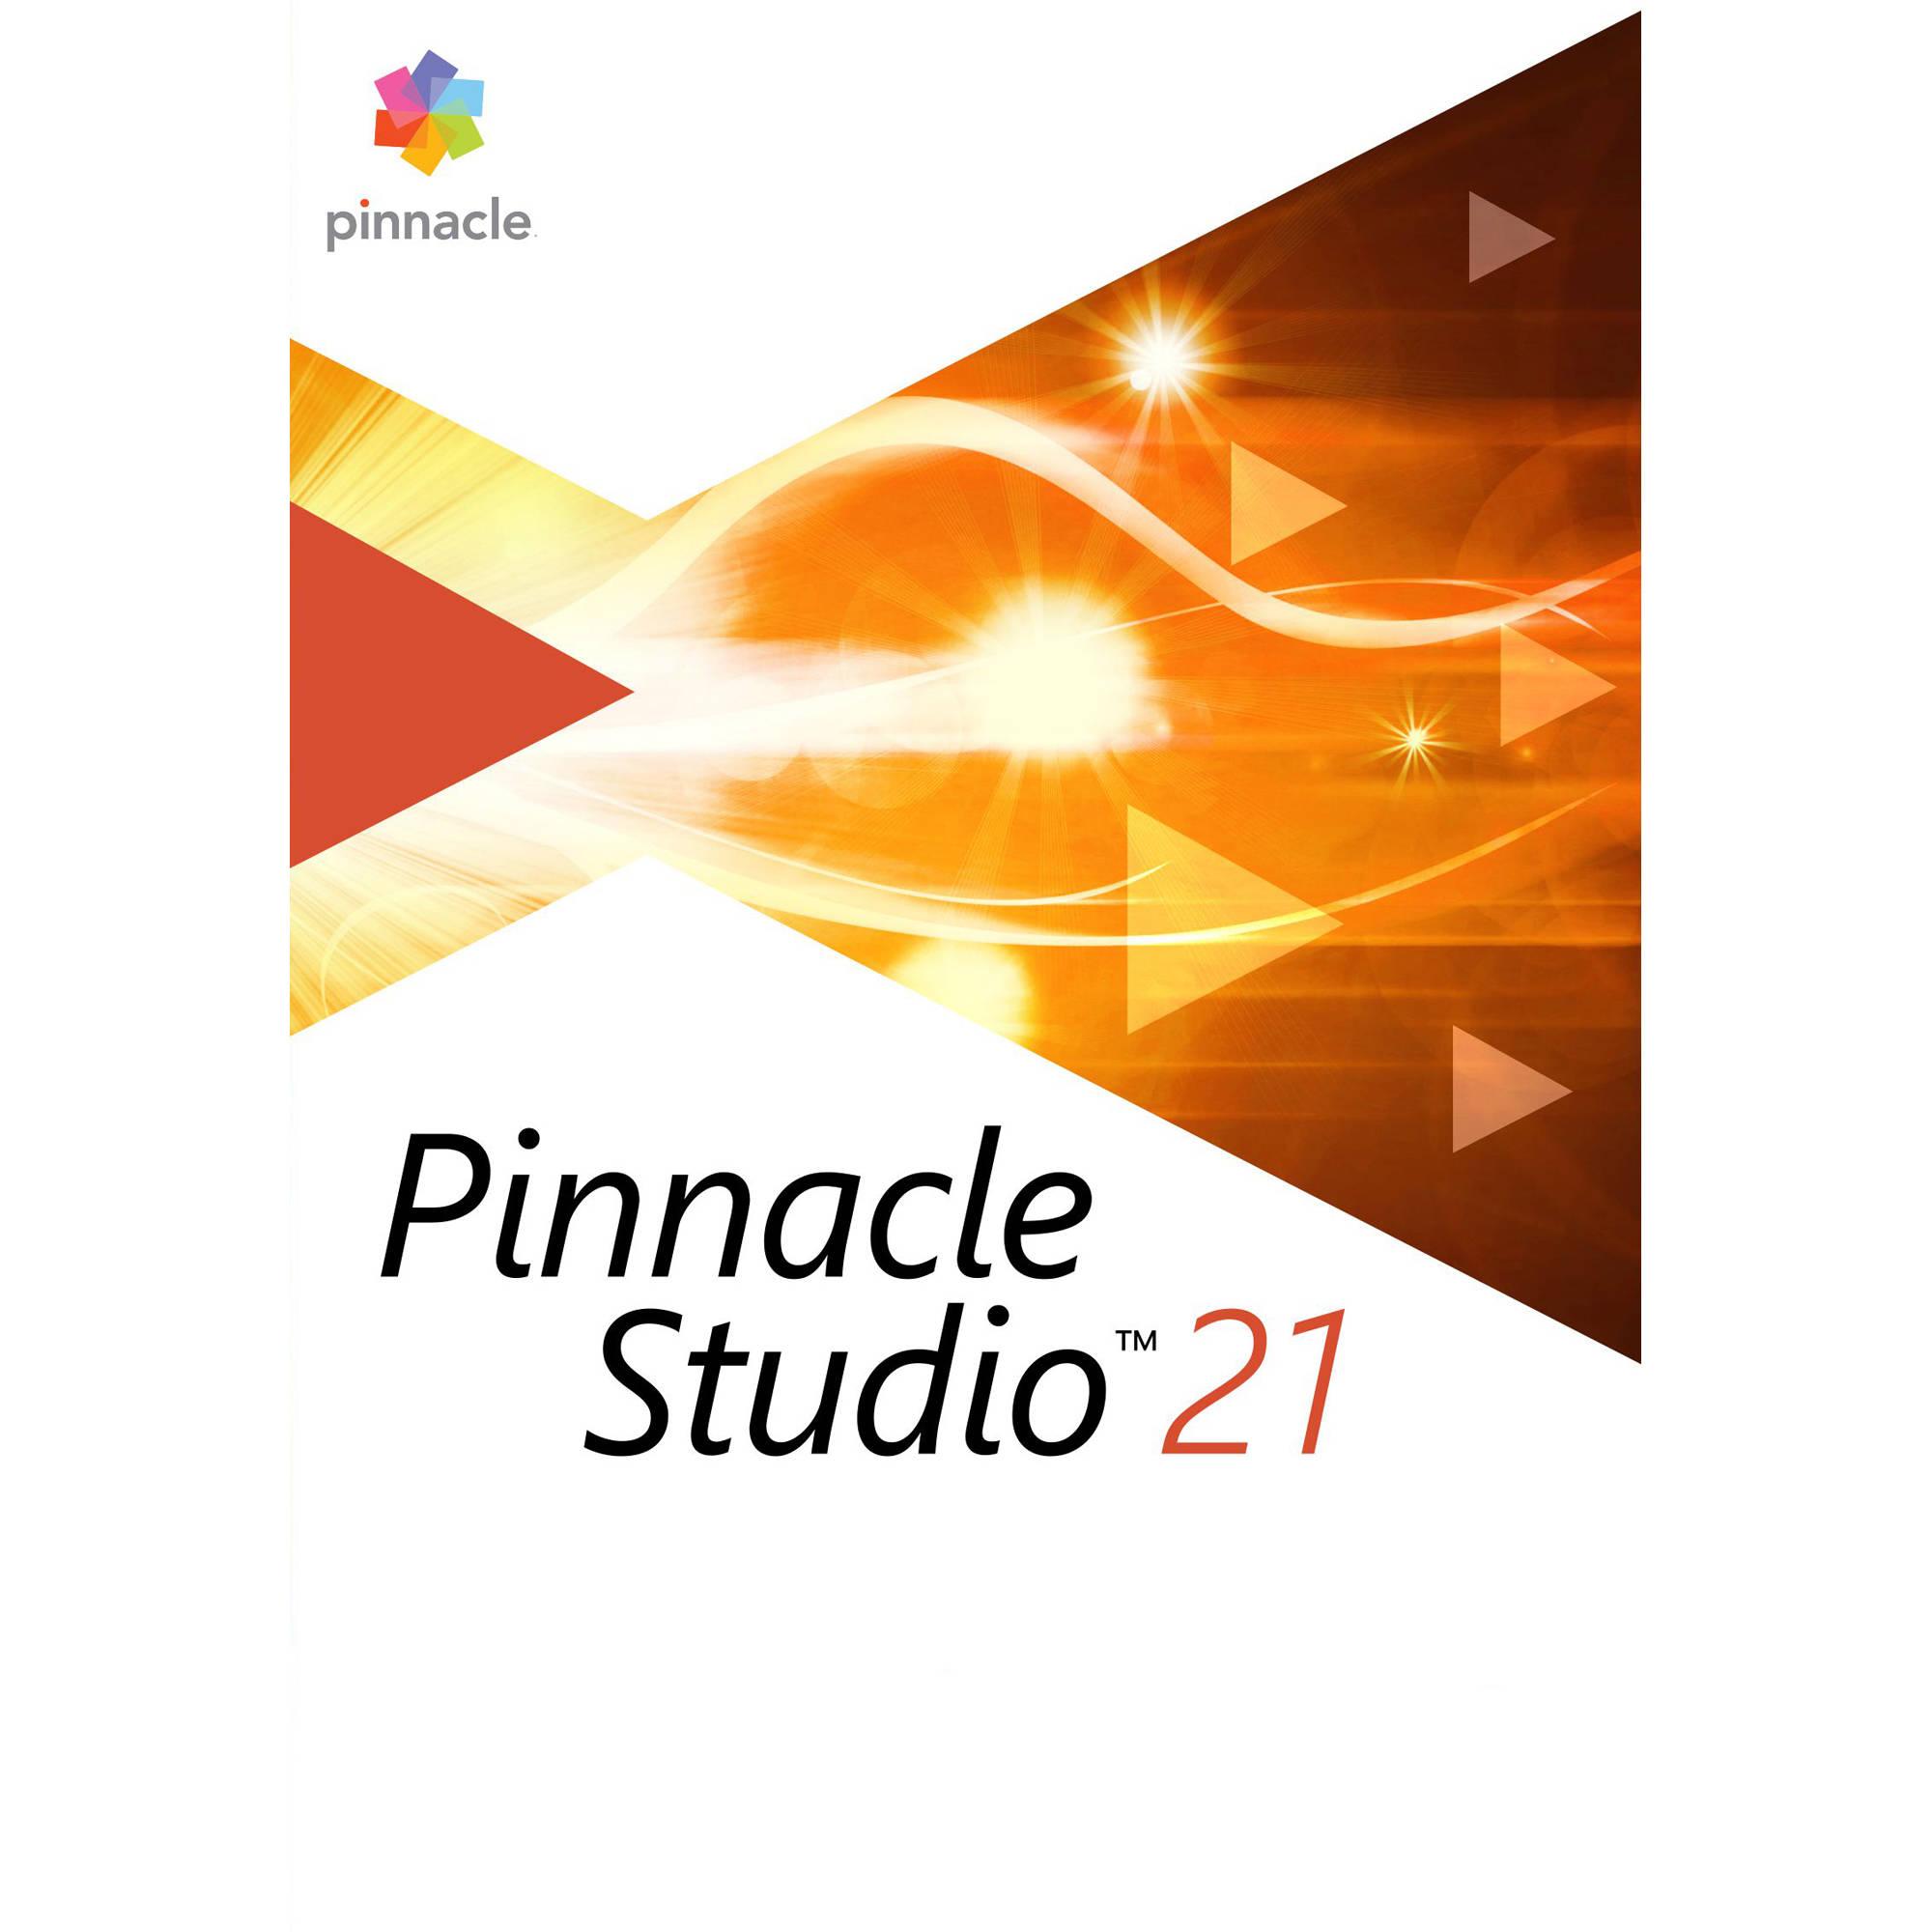 Pinnacle pinnacle studio 21 standard download esdpnst21stml pinnacle pinnacle studio 21 standard download maxwellsz